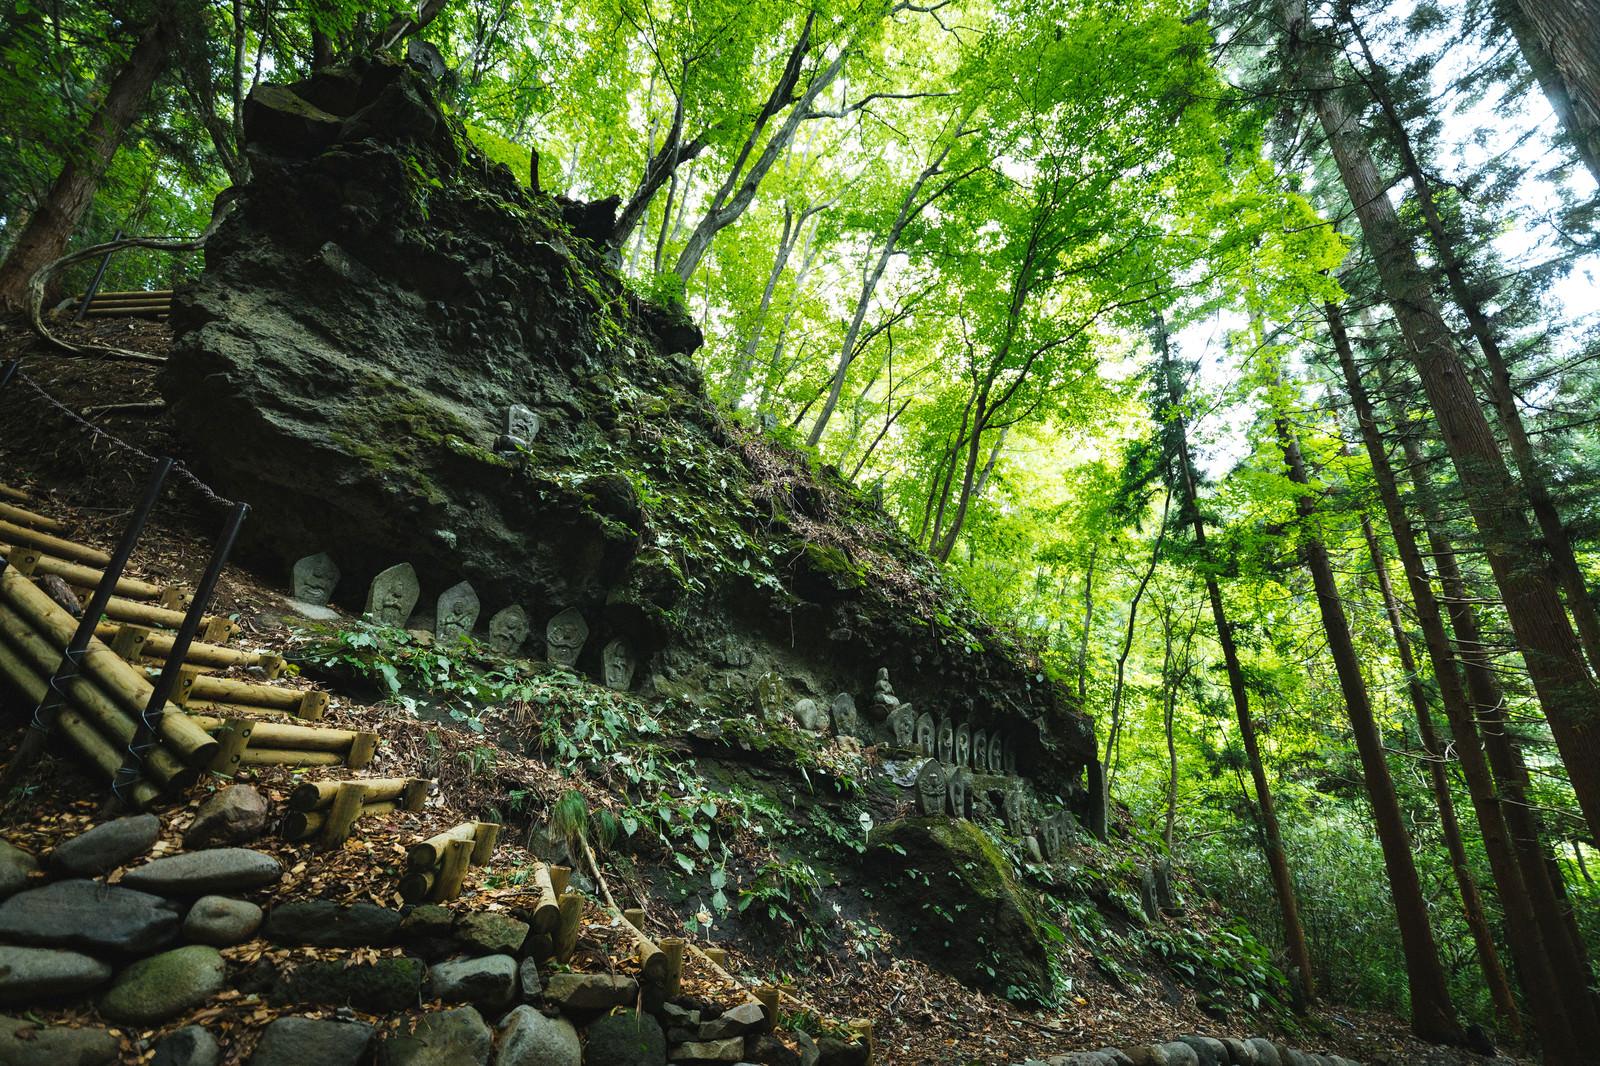 「新緑に覆われた滝沢観音石仏群」の写真